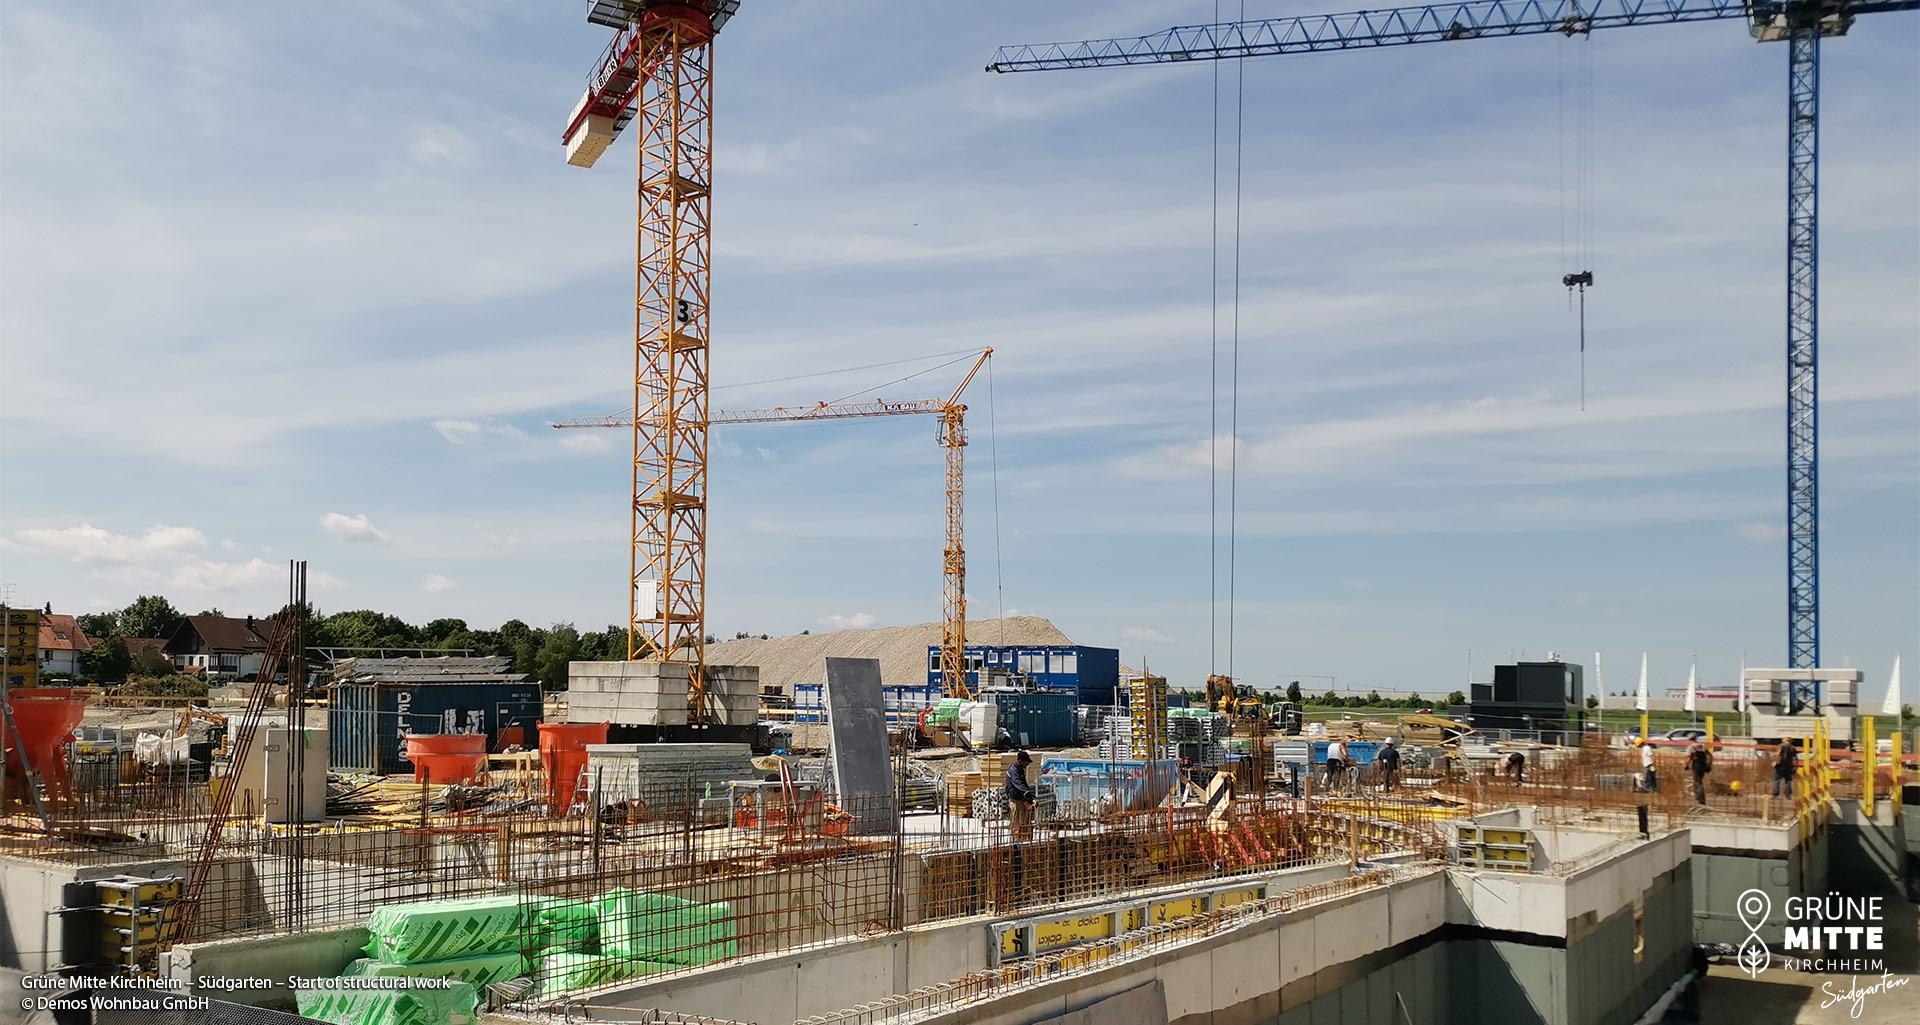 'GRÜNE MITTE KIRCHHEIM - Südgarten' in Kirchheim near Munich: structural work has begun